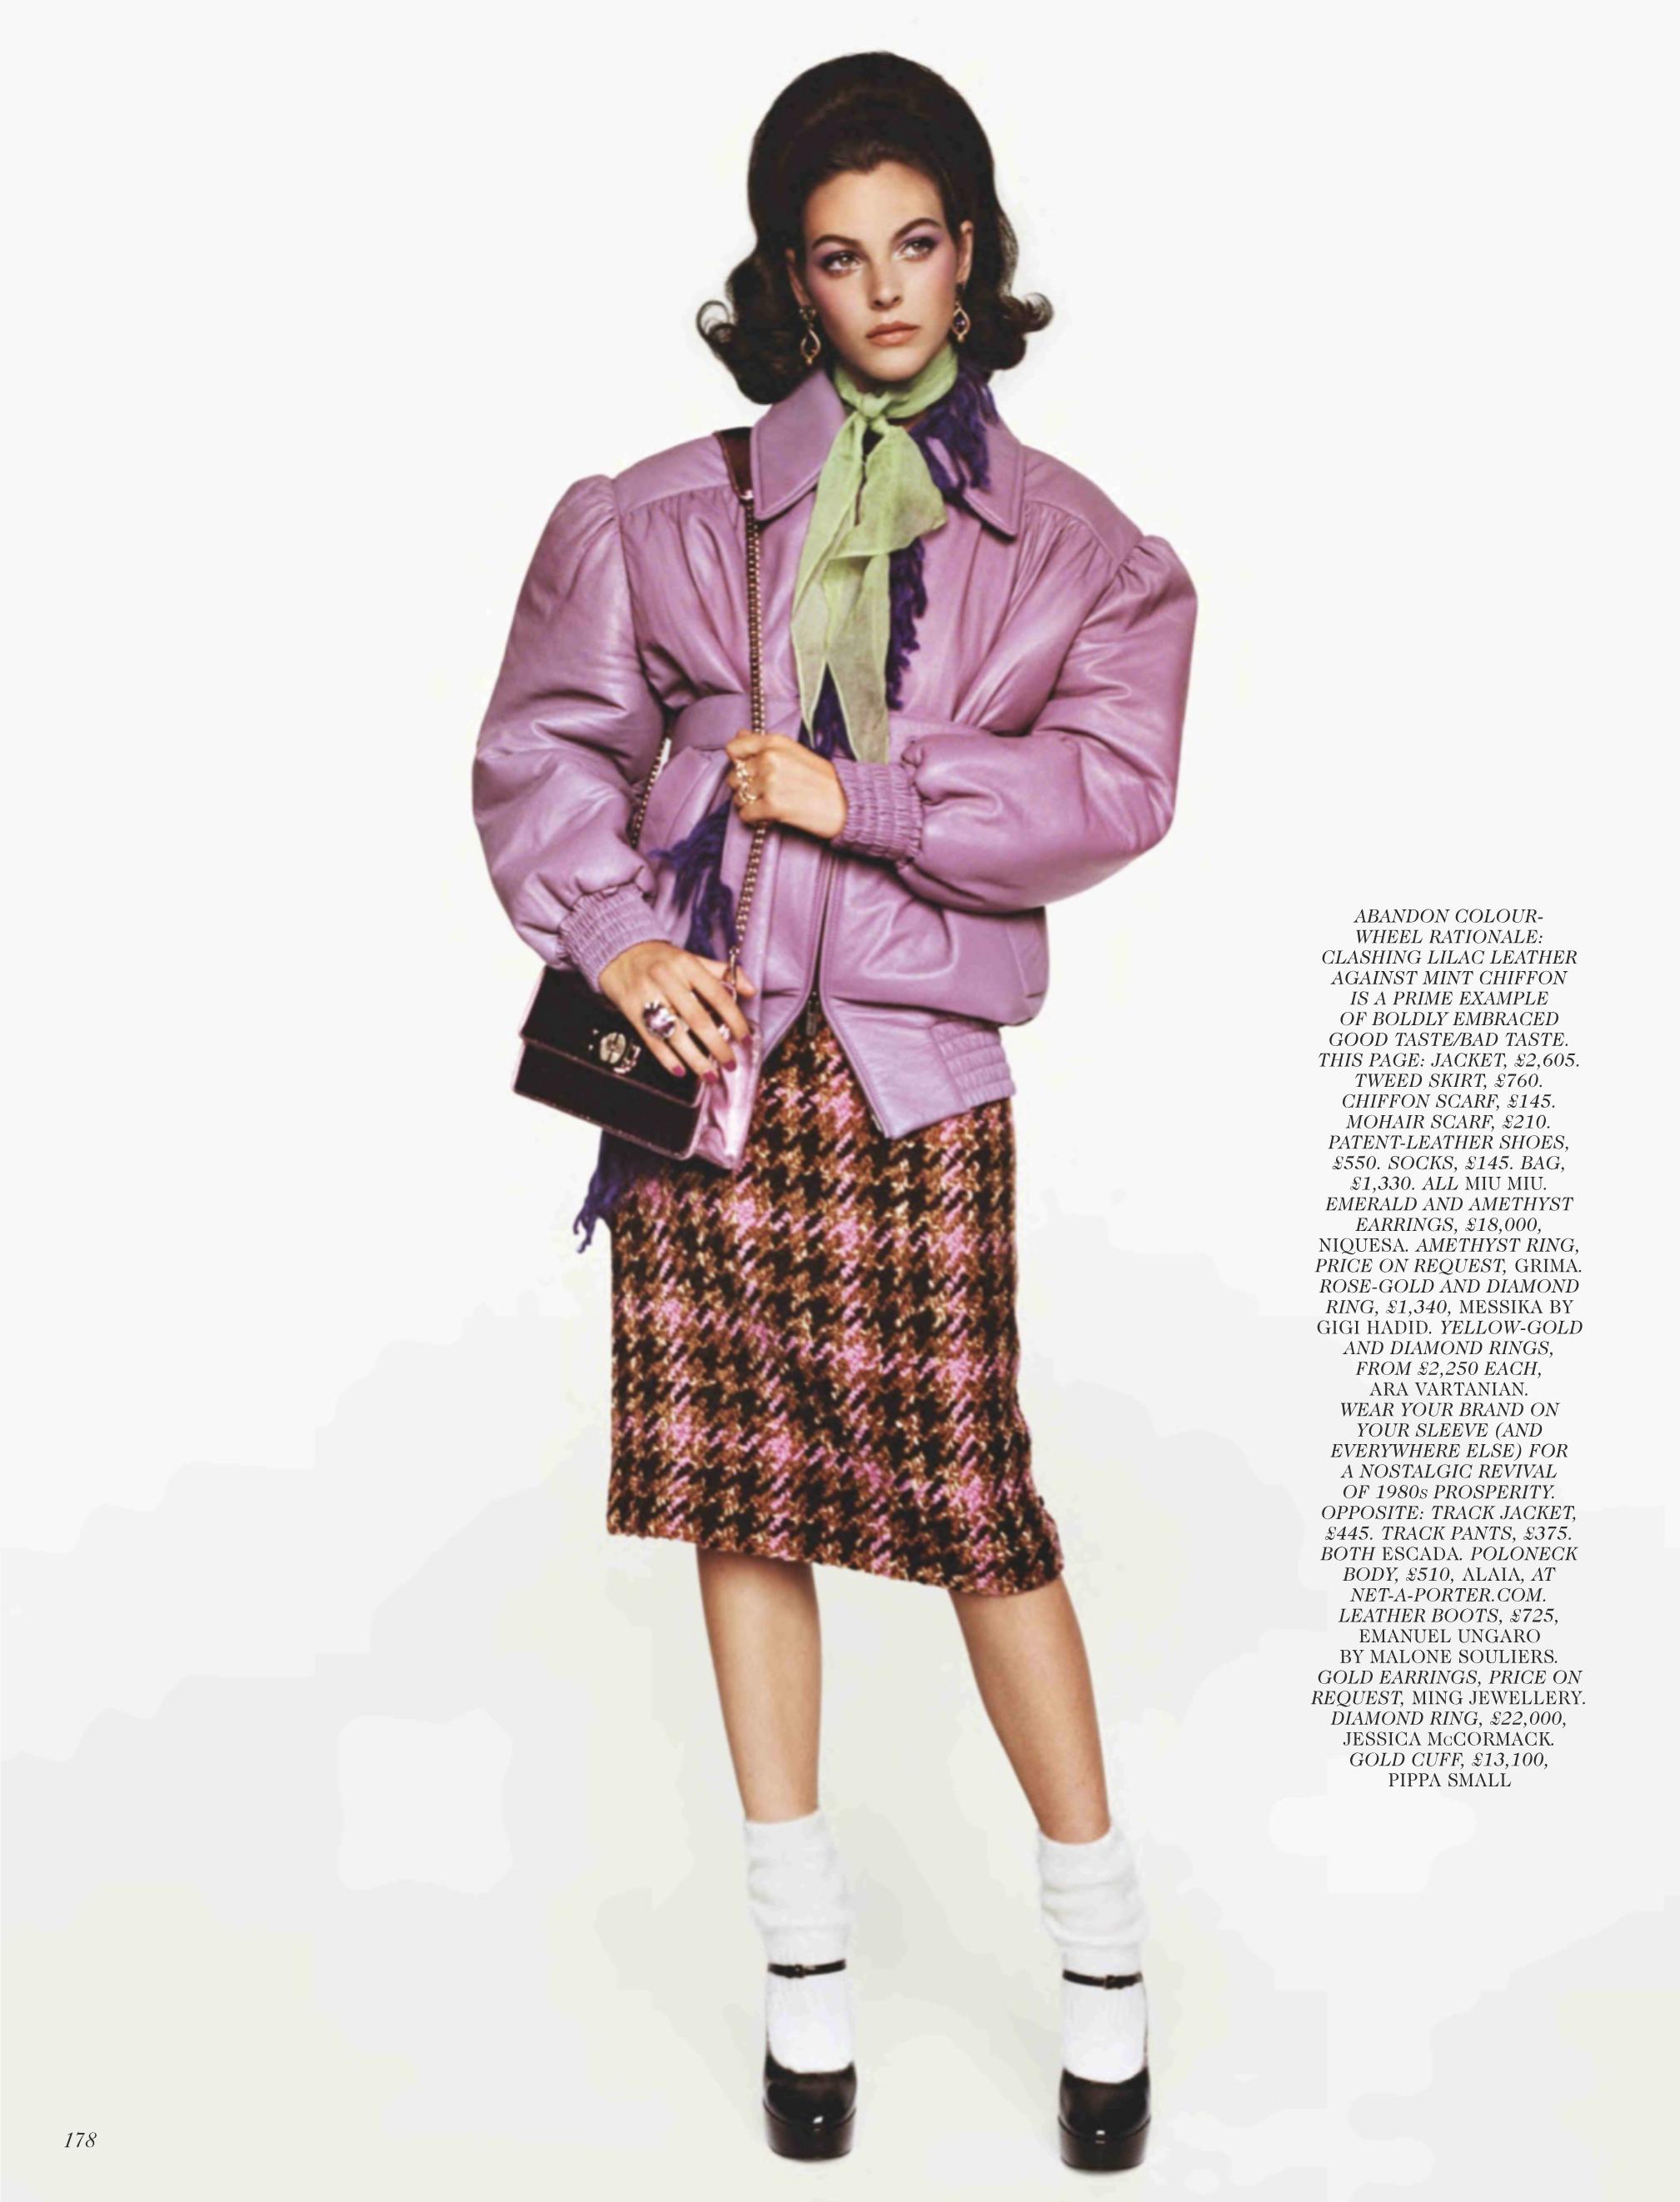 Vogue11.18(3).jpg